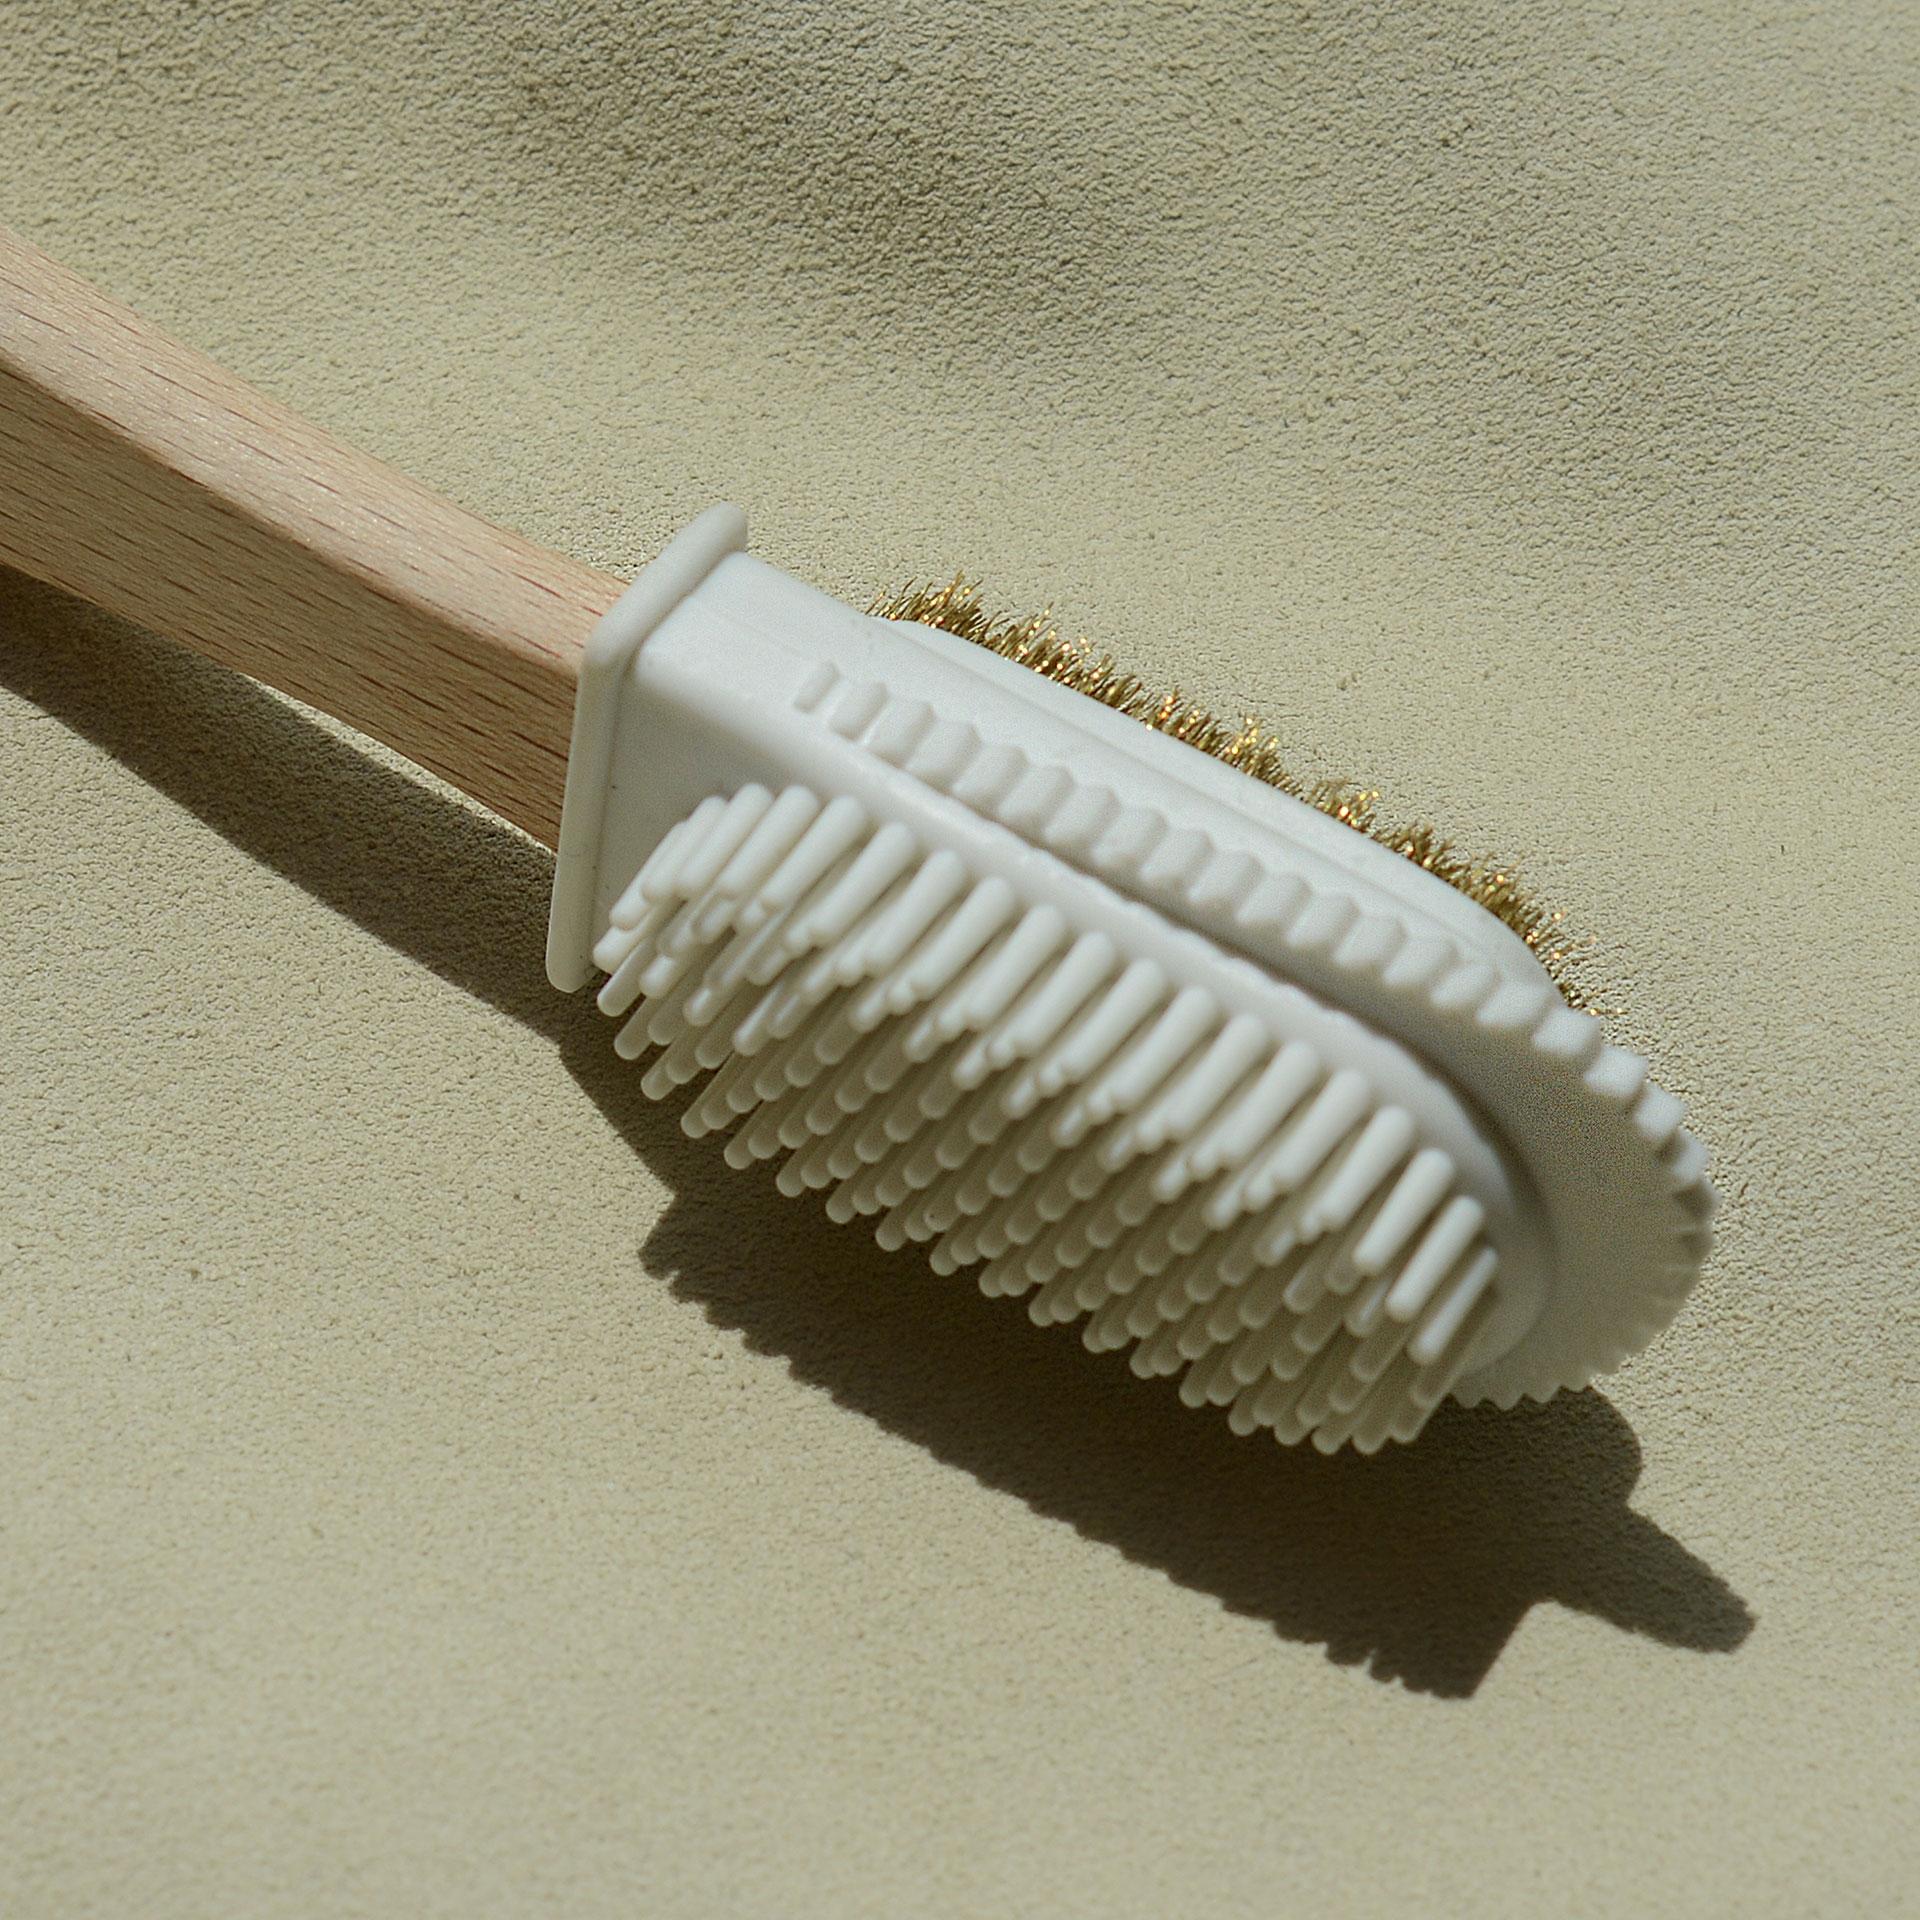 Suede brush (image n°3)